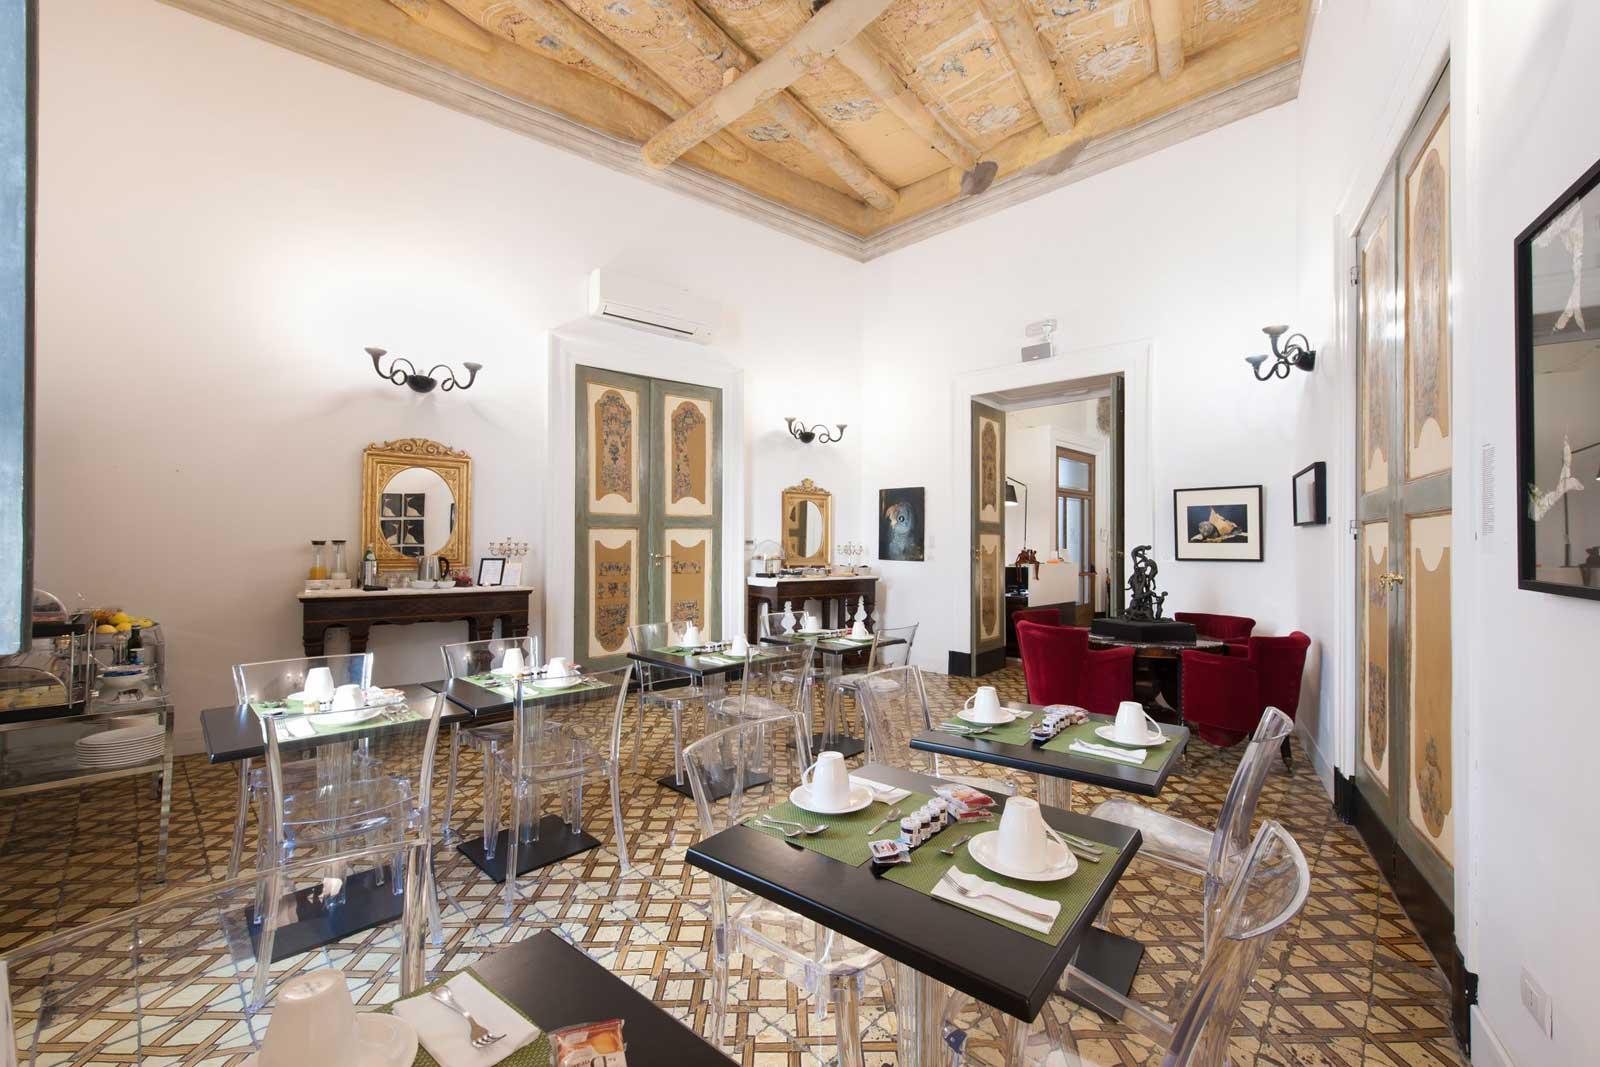 Santa Chiara Boutique Hotel 4 stelle Napoli - Sala Colazione